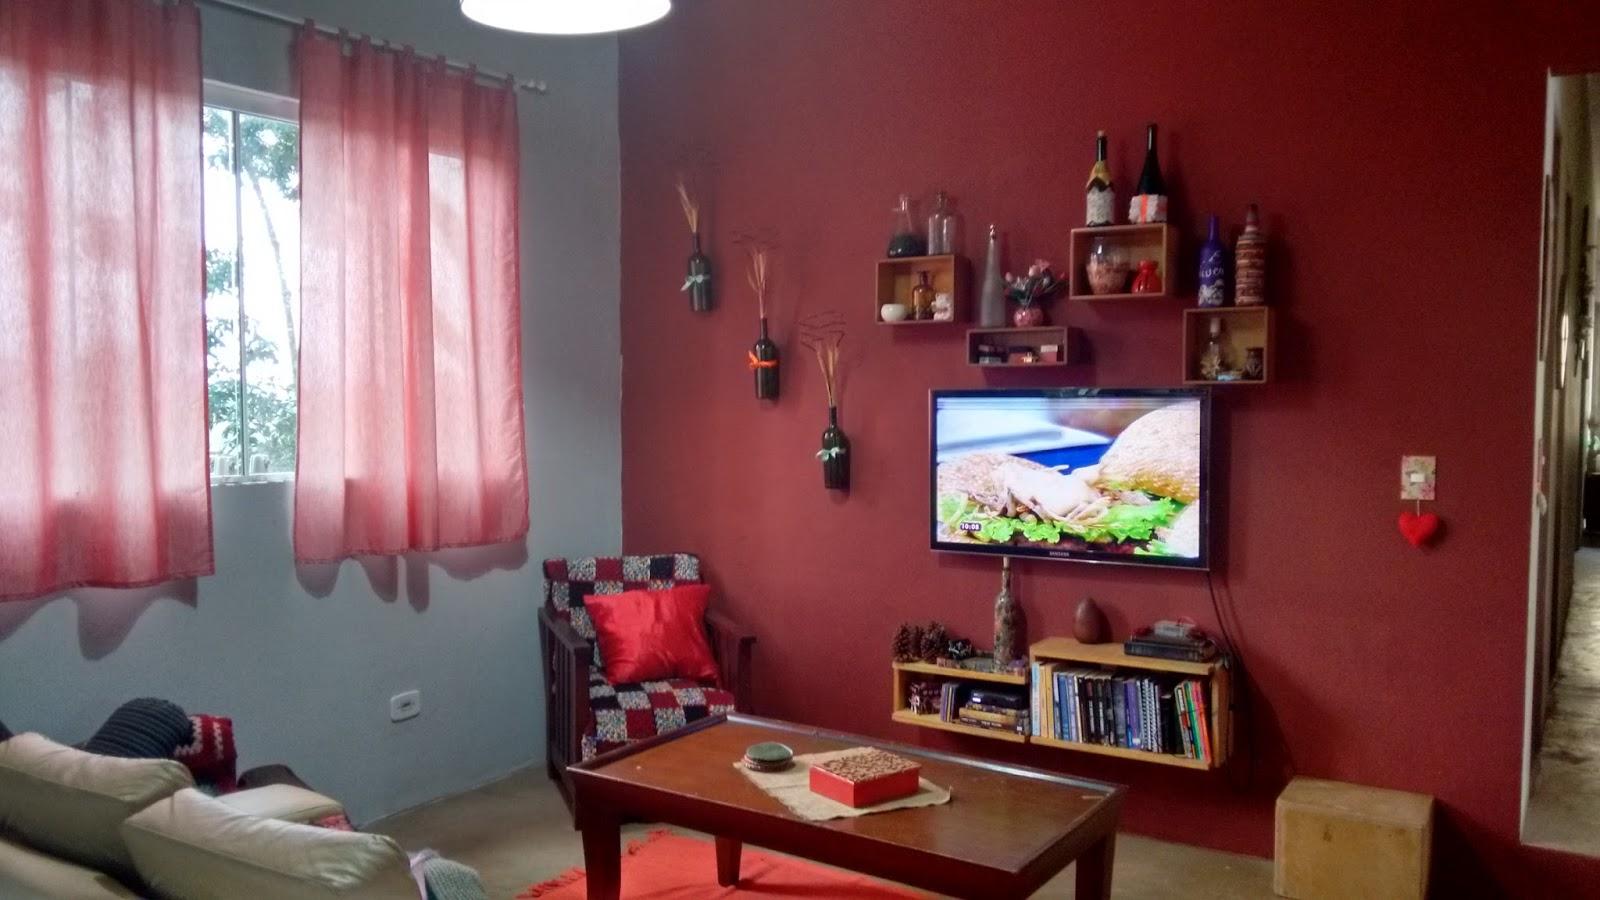 Recicla cria e um projeto por m s n pintura for Pintado de salas pequenas